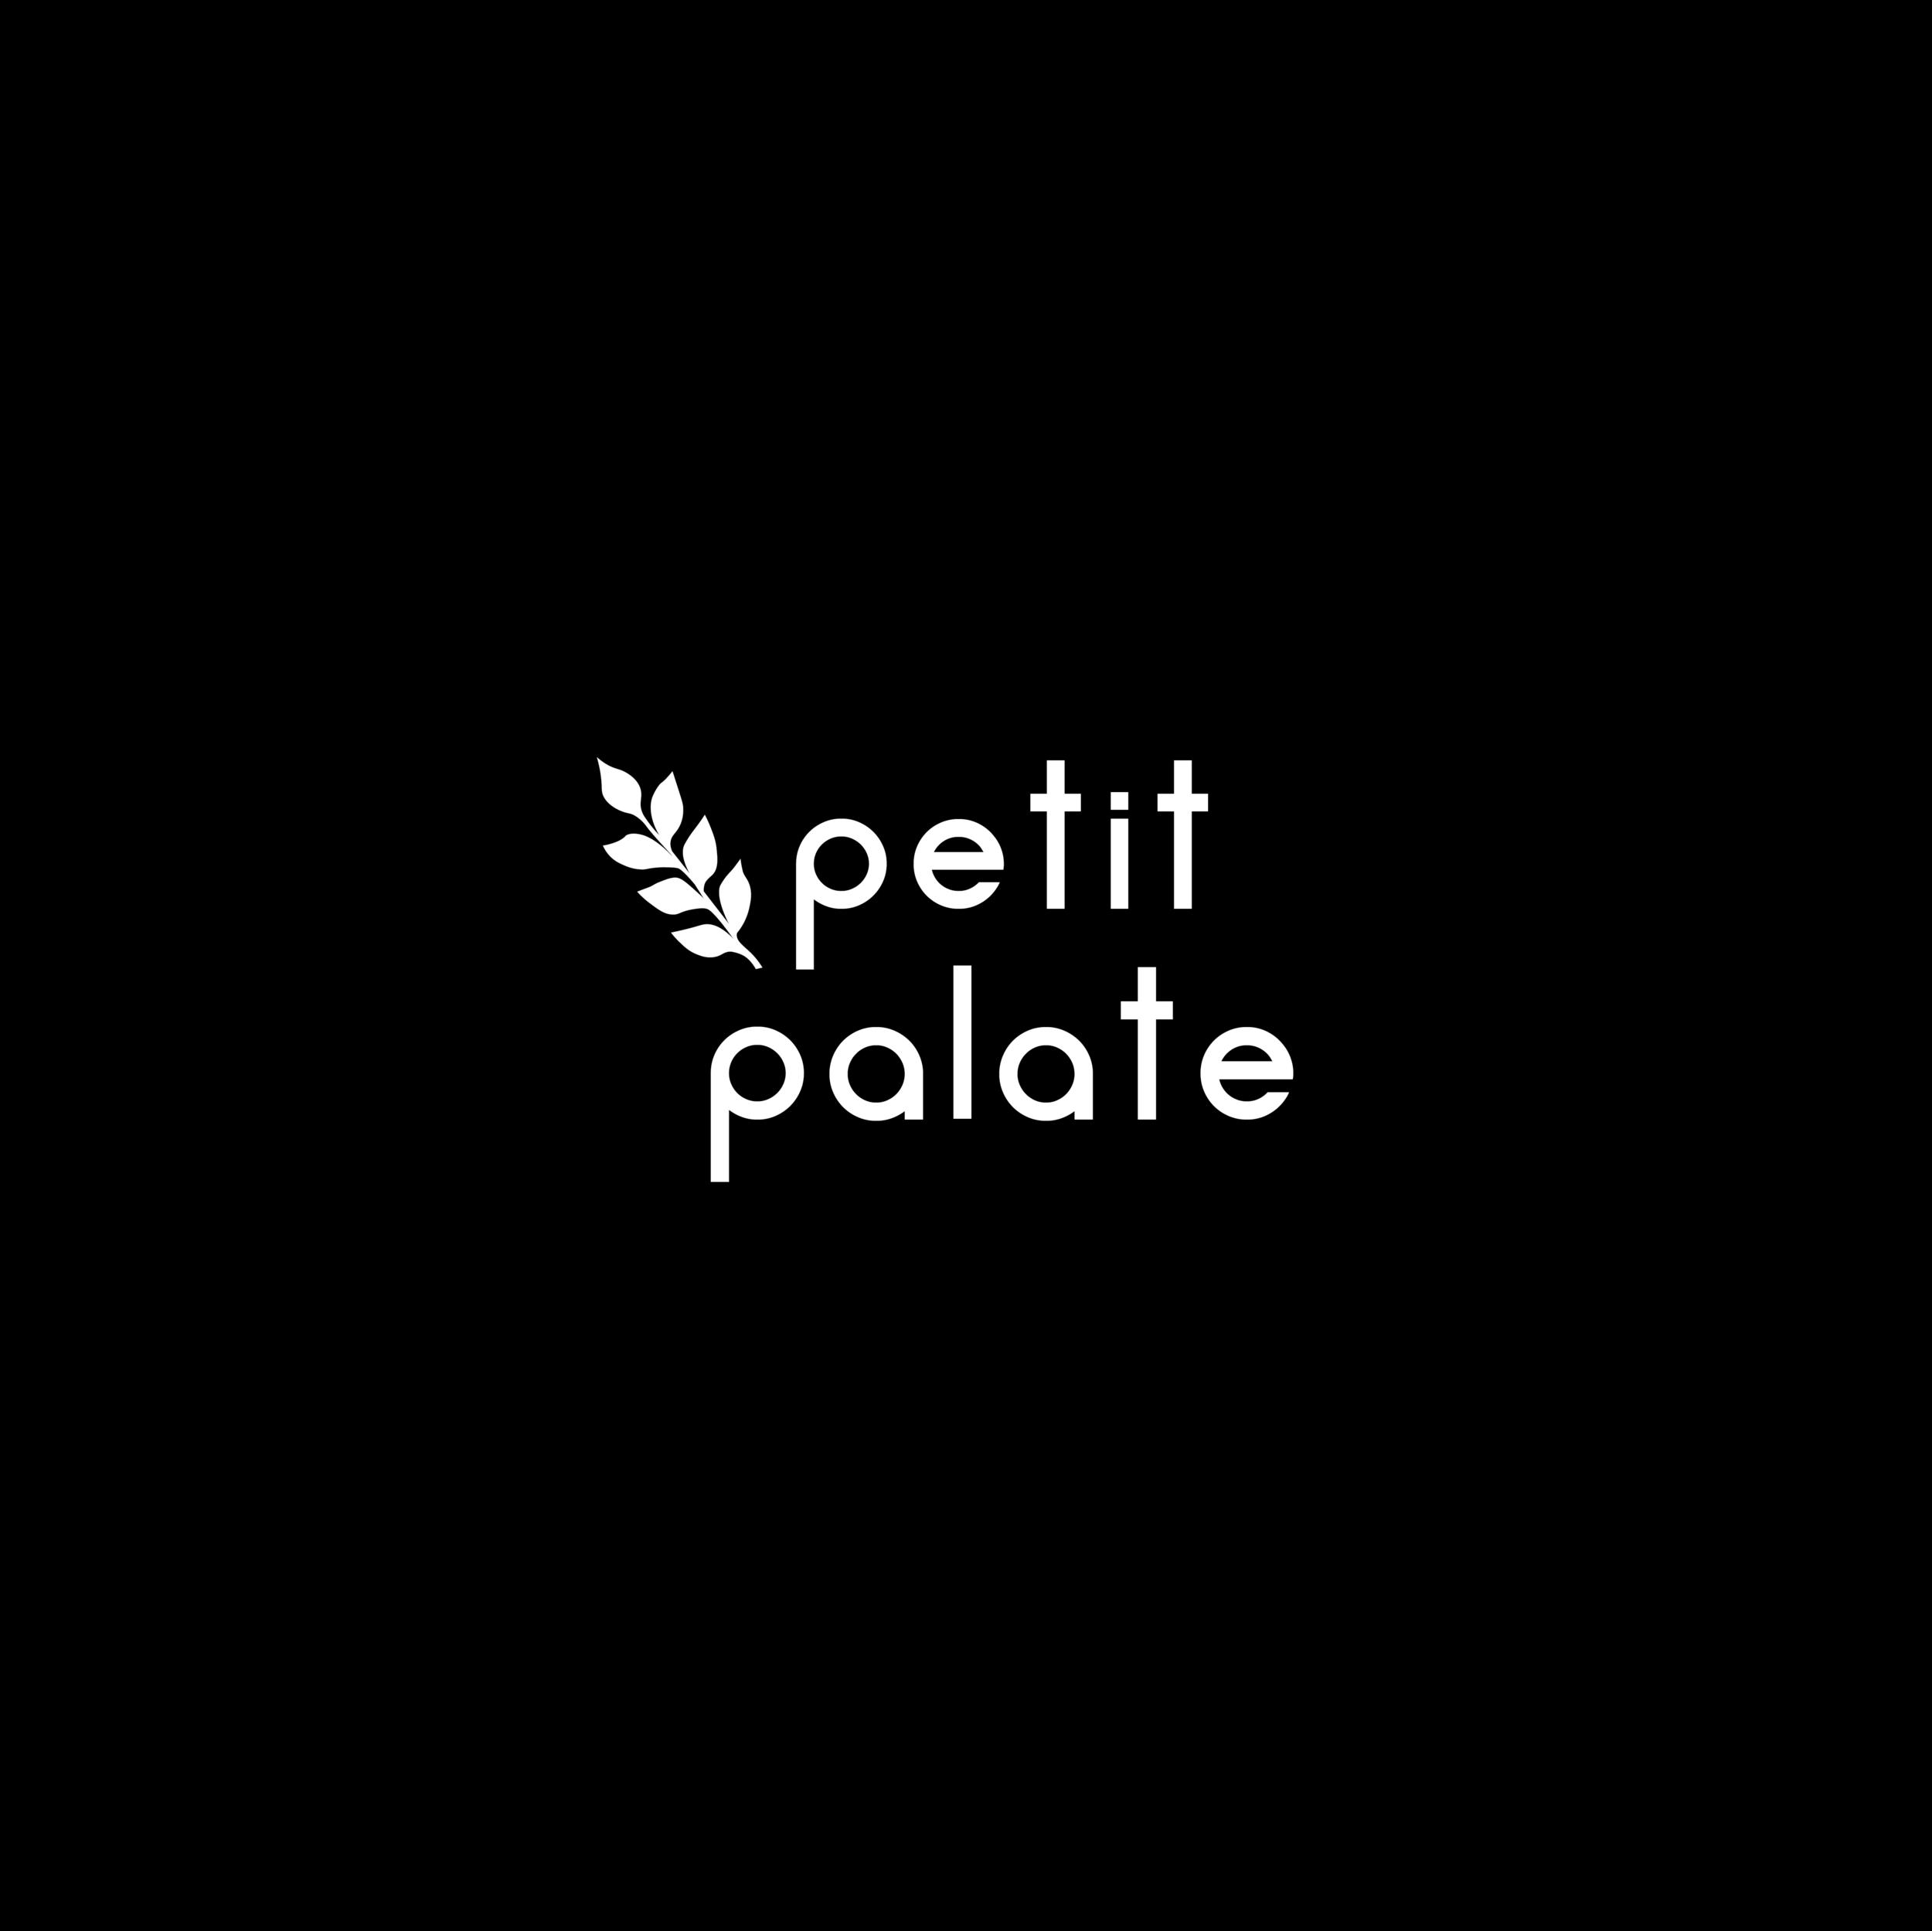 PetitPalate-05.png